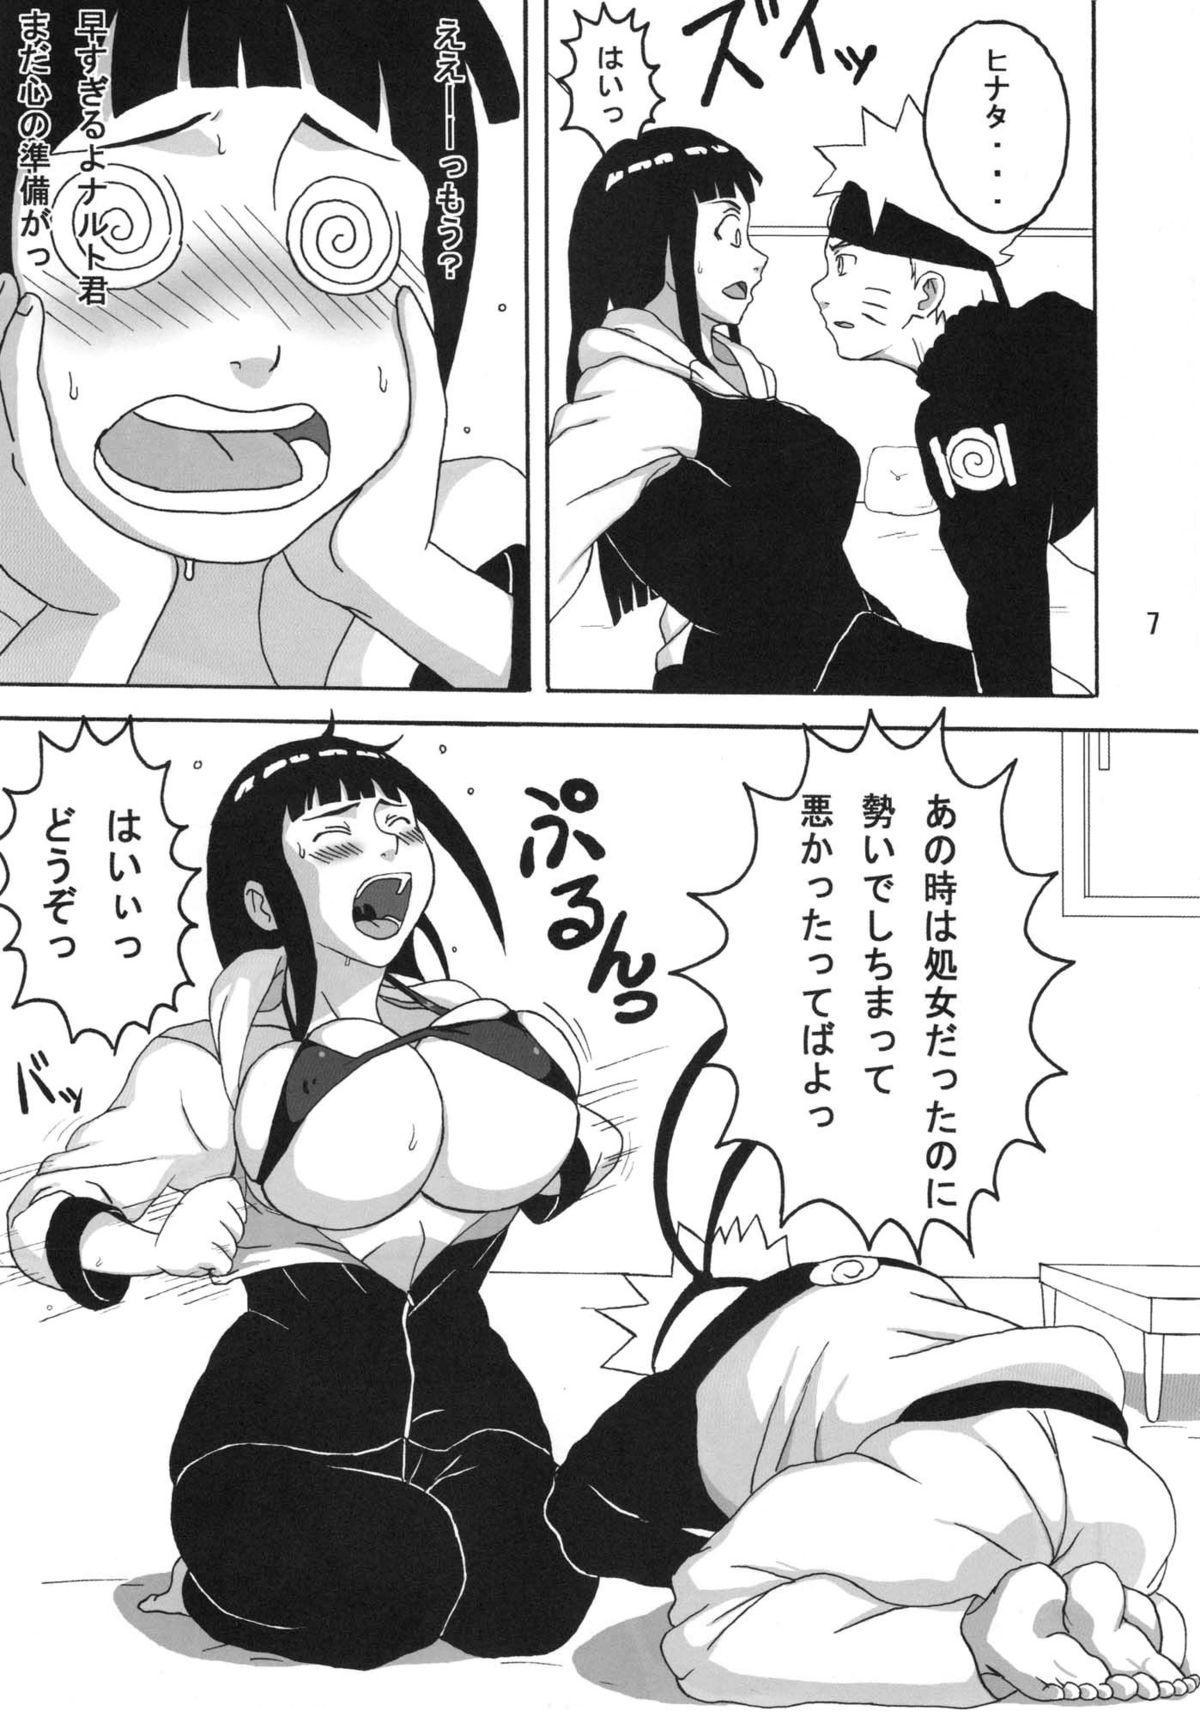 Hinata 7